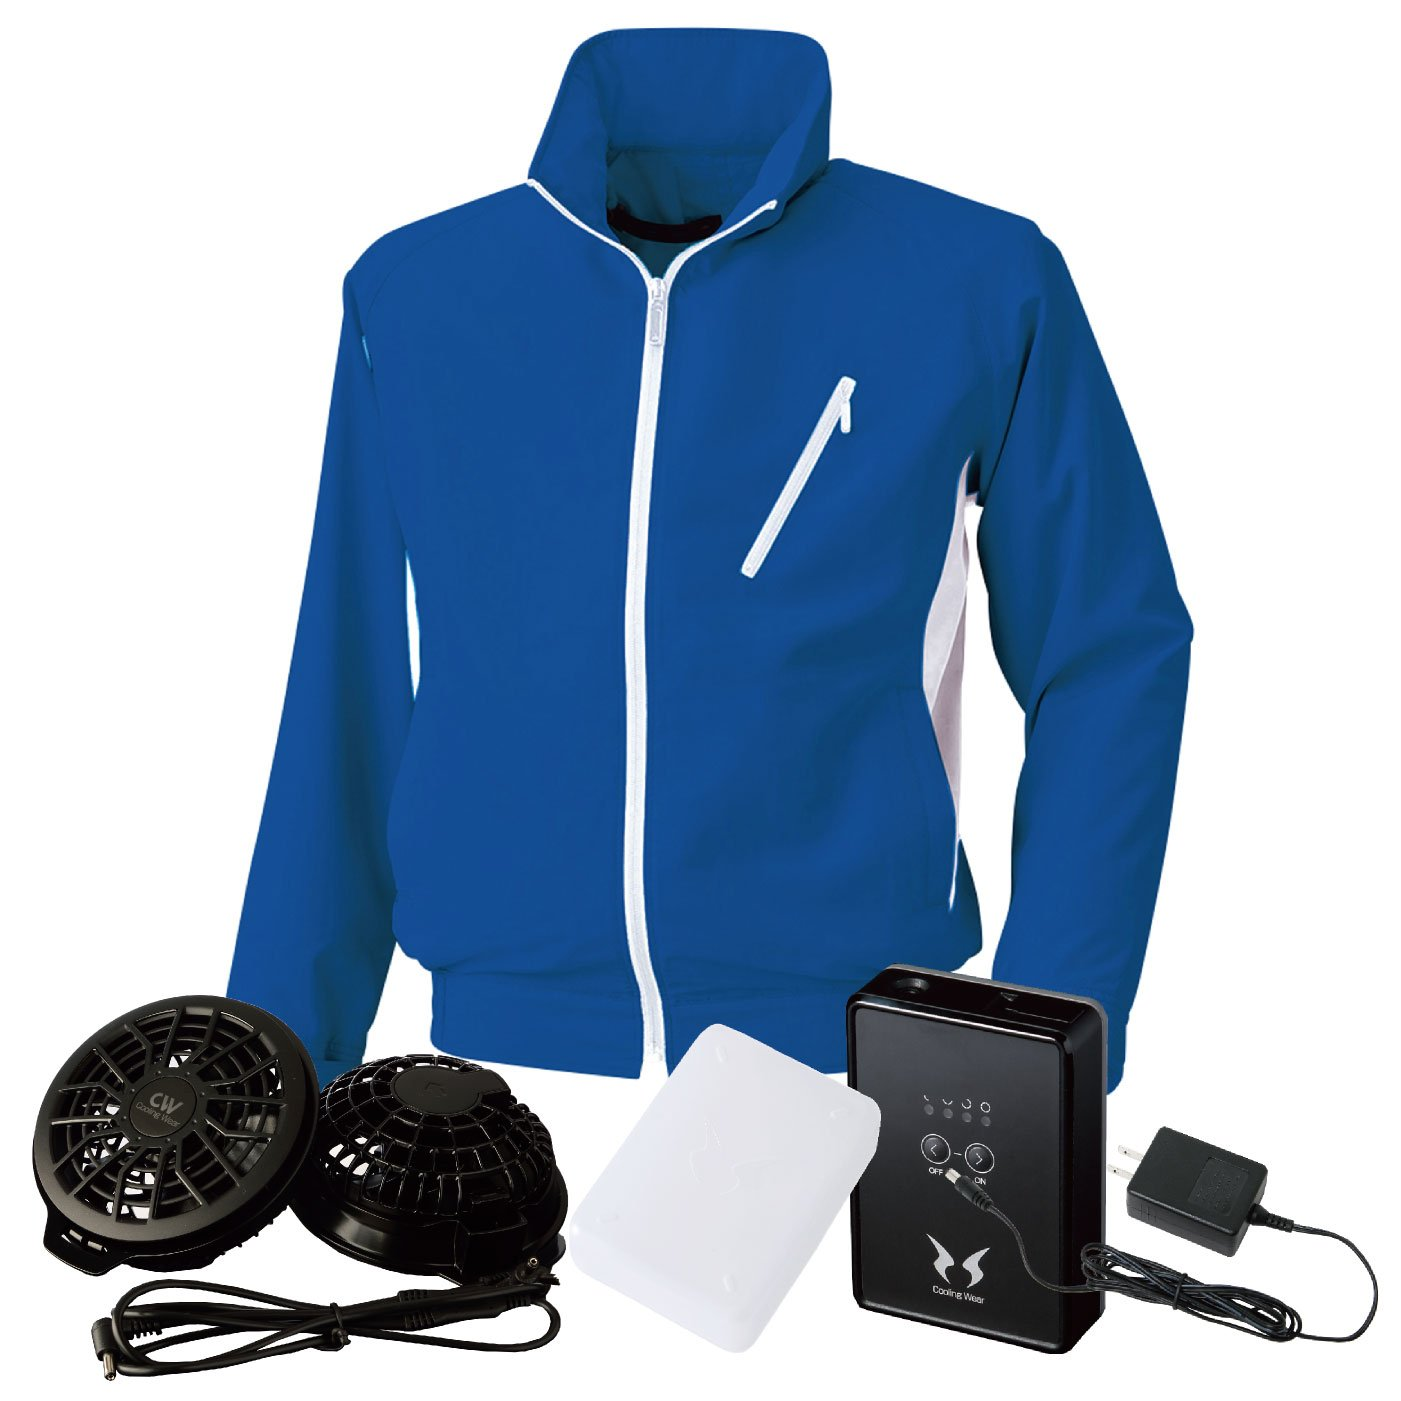 bigborn(ビッグボーン) 空調風神服 空調服 bb-bk6057-l 【空調服+ファン+バッテリー】 B07CSJ9RZ3 M|ロイヤルブルー×W ロイヤルブルー×W M